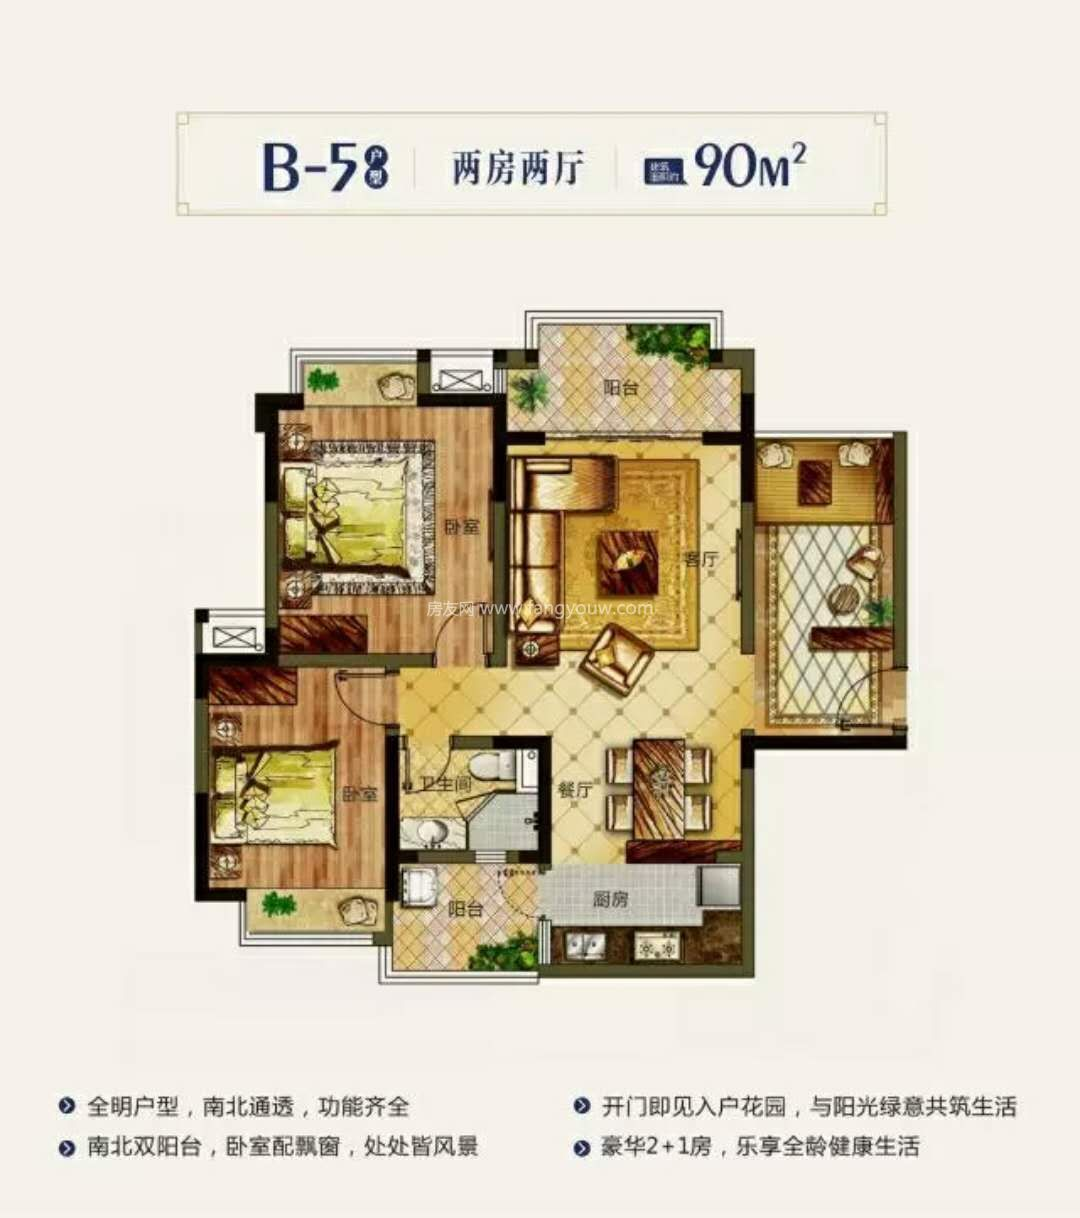 颐养公社阳光城 B5户型 2室2厅1厨1卫 90㎡